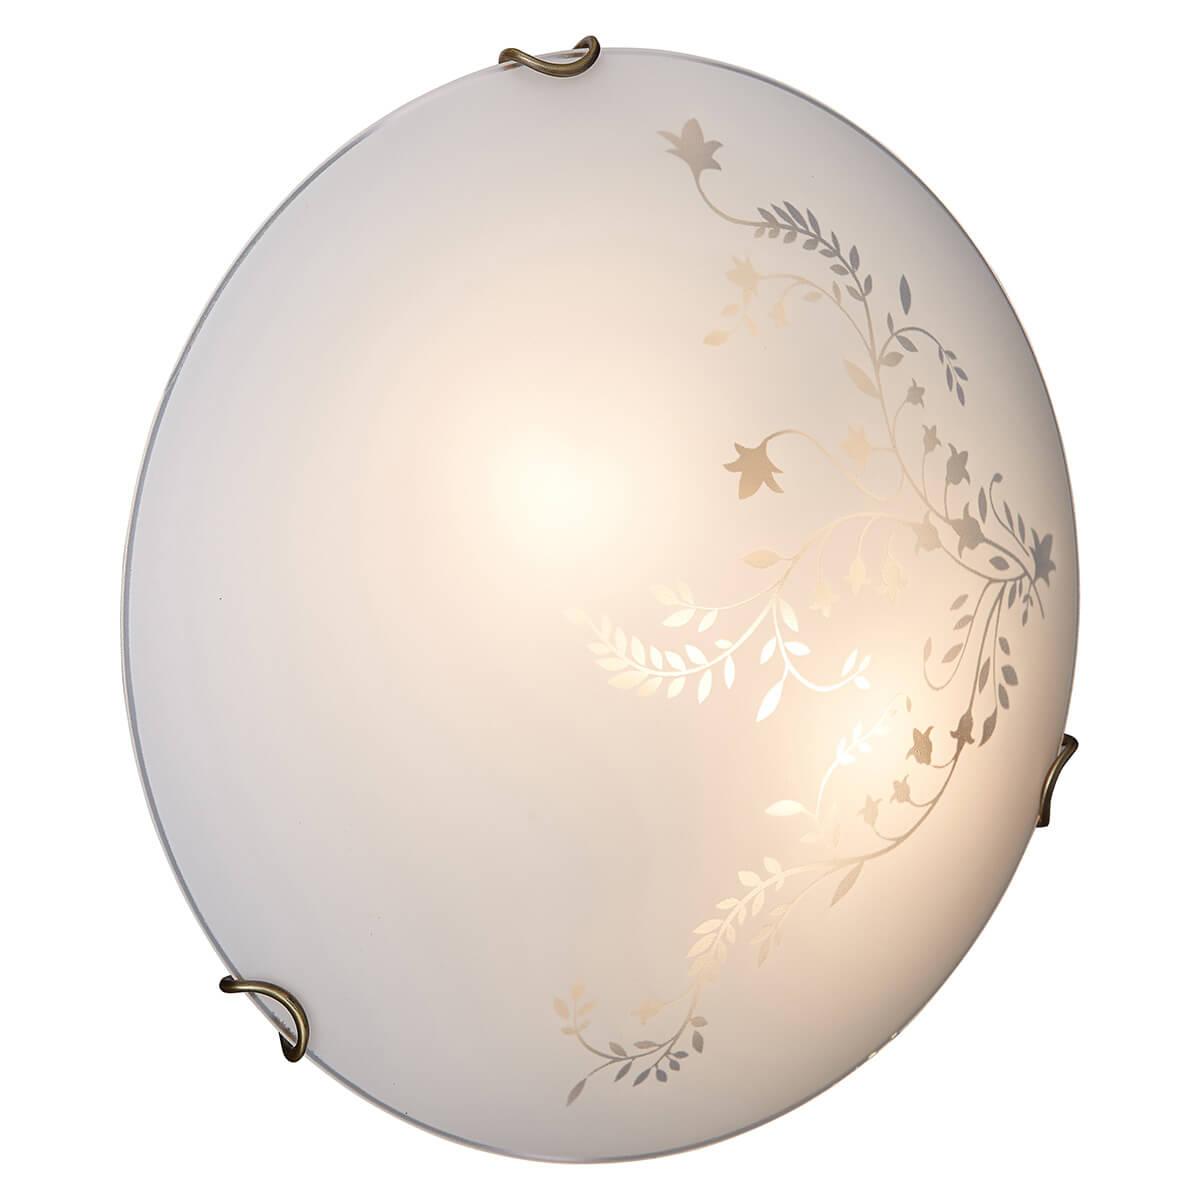 Светильник Sonex 118/K потолочный светильник sonex накладной потолочный 1219 a